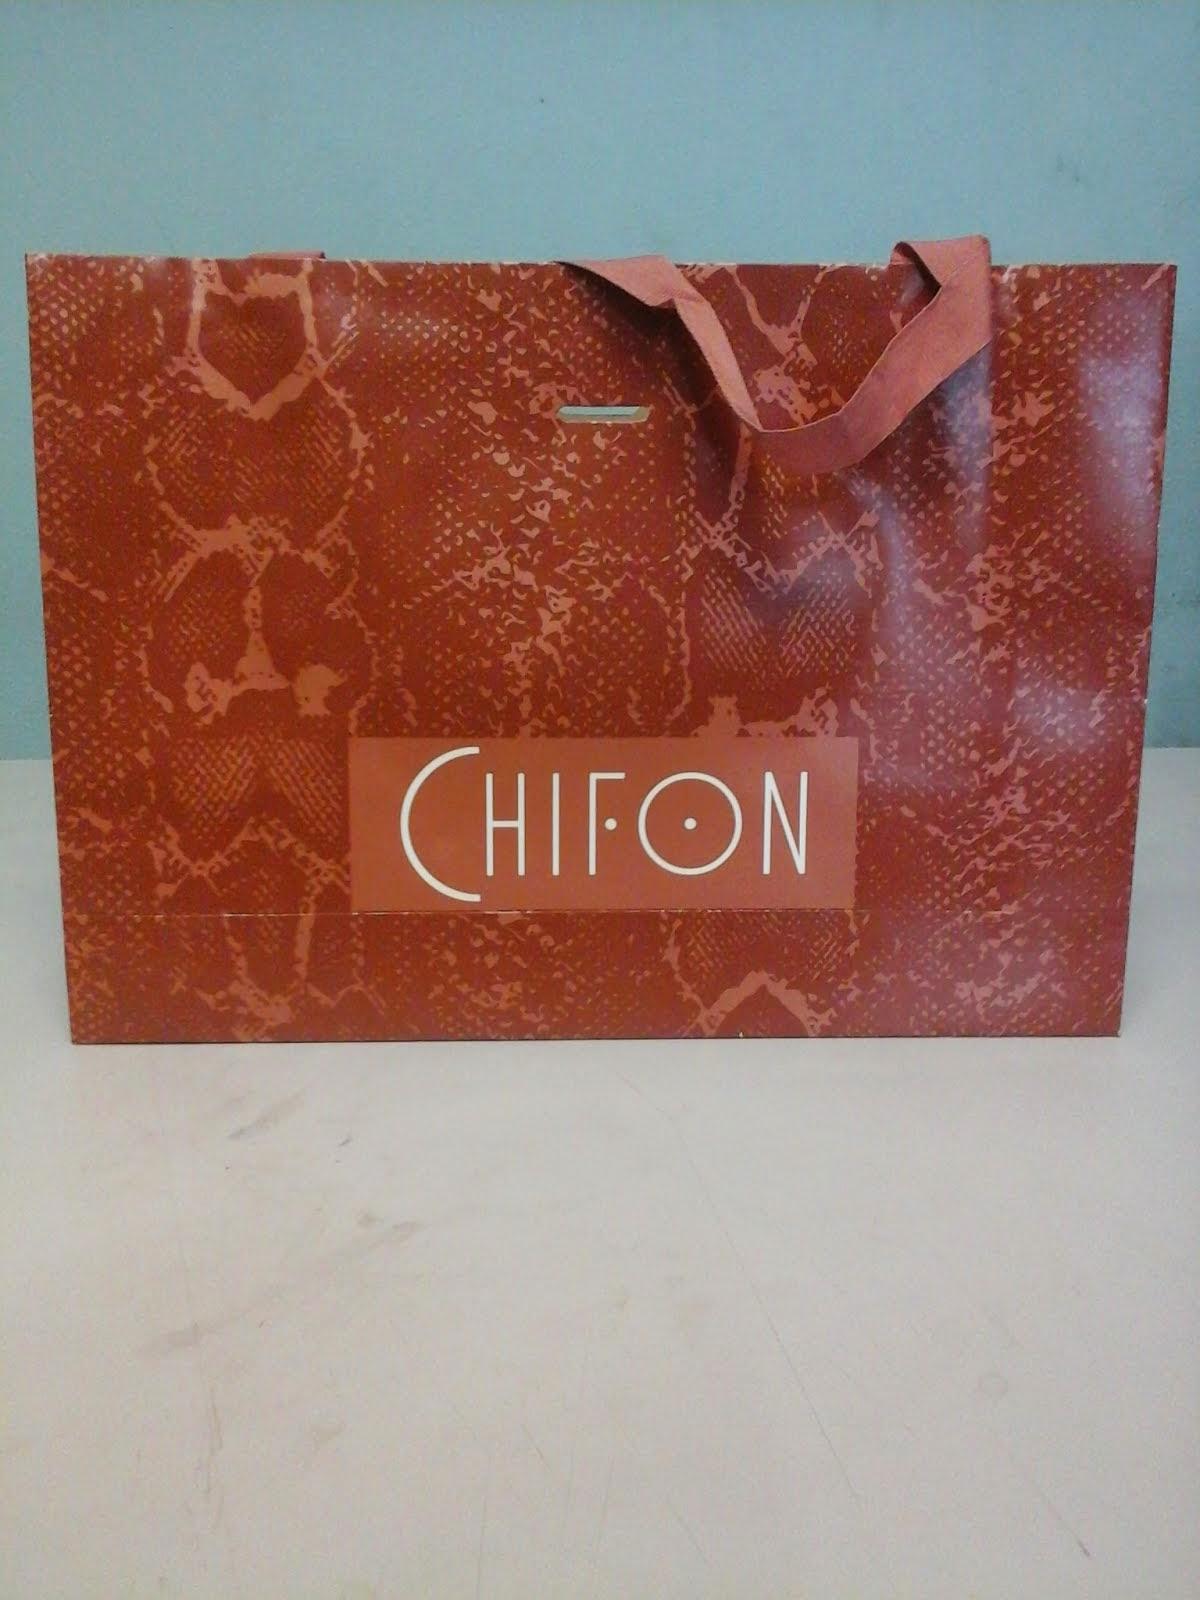 CHIFOM